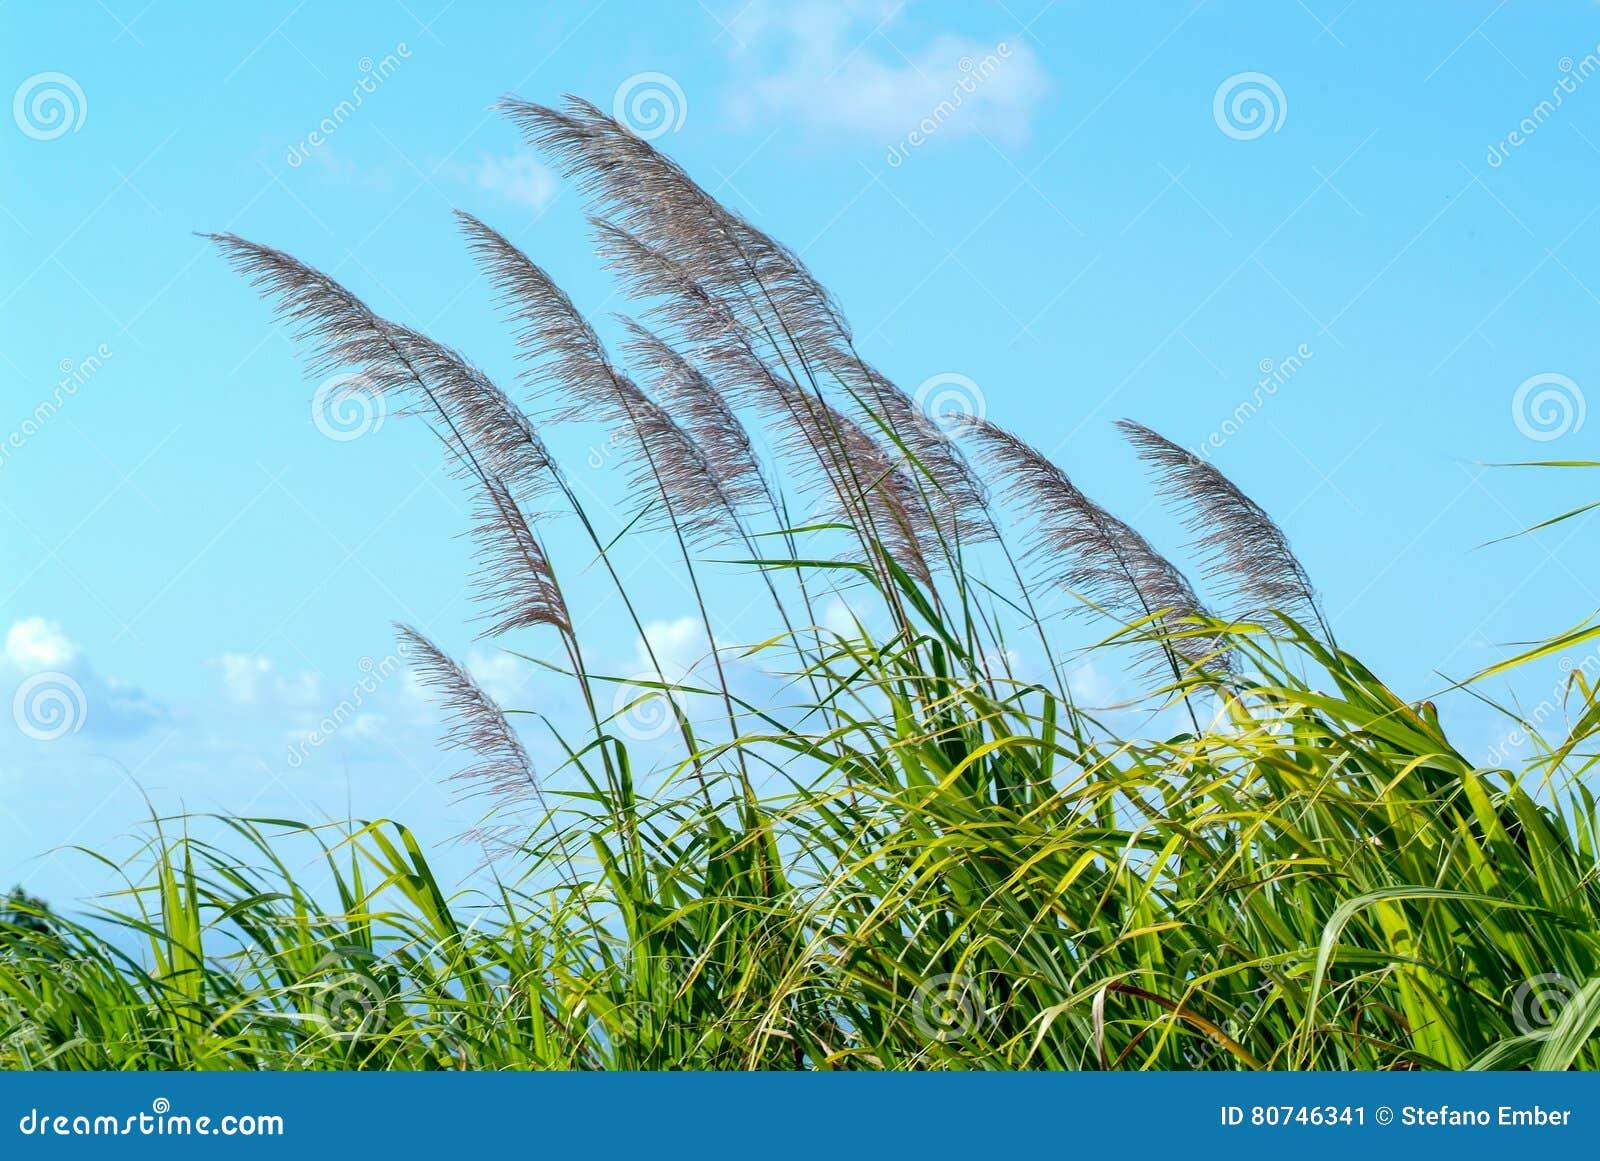 Fleurs de canne à sucre dans le vent